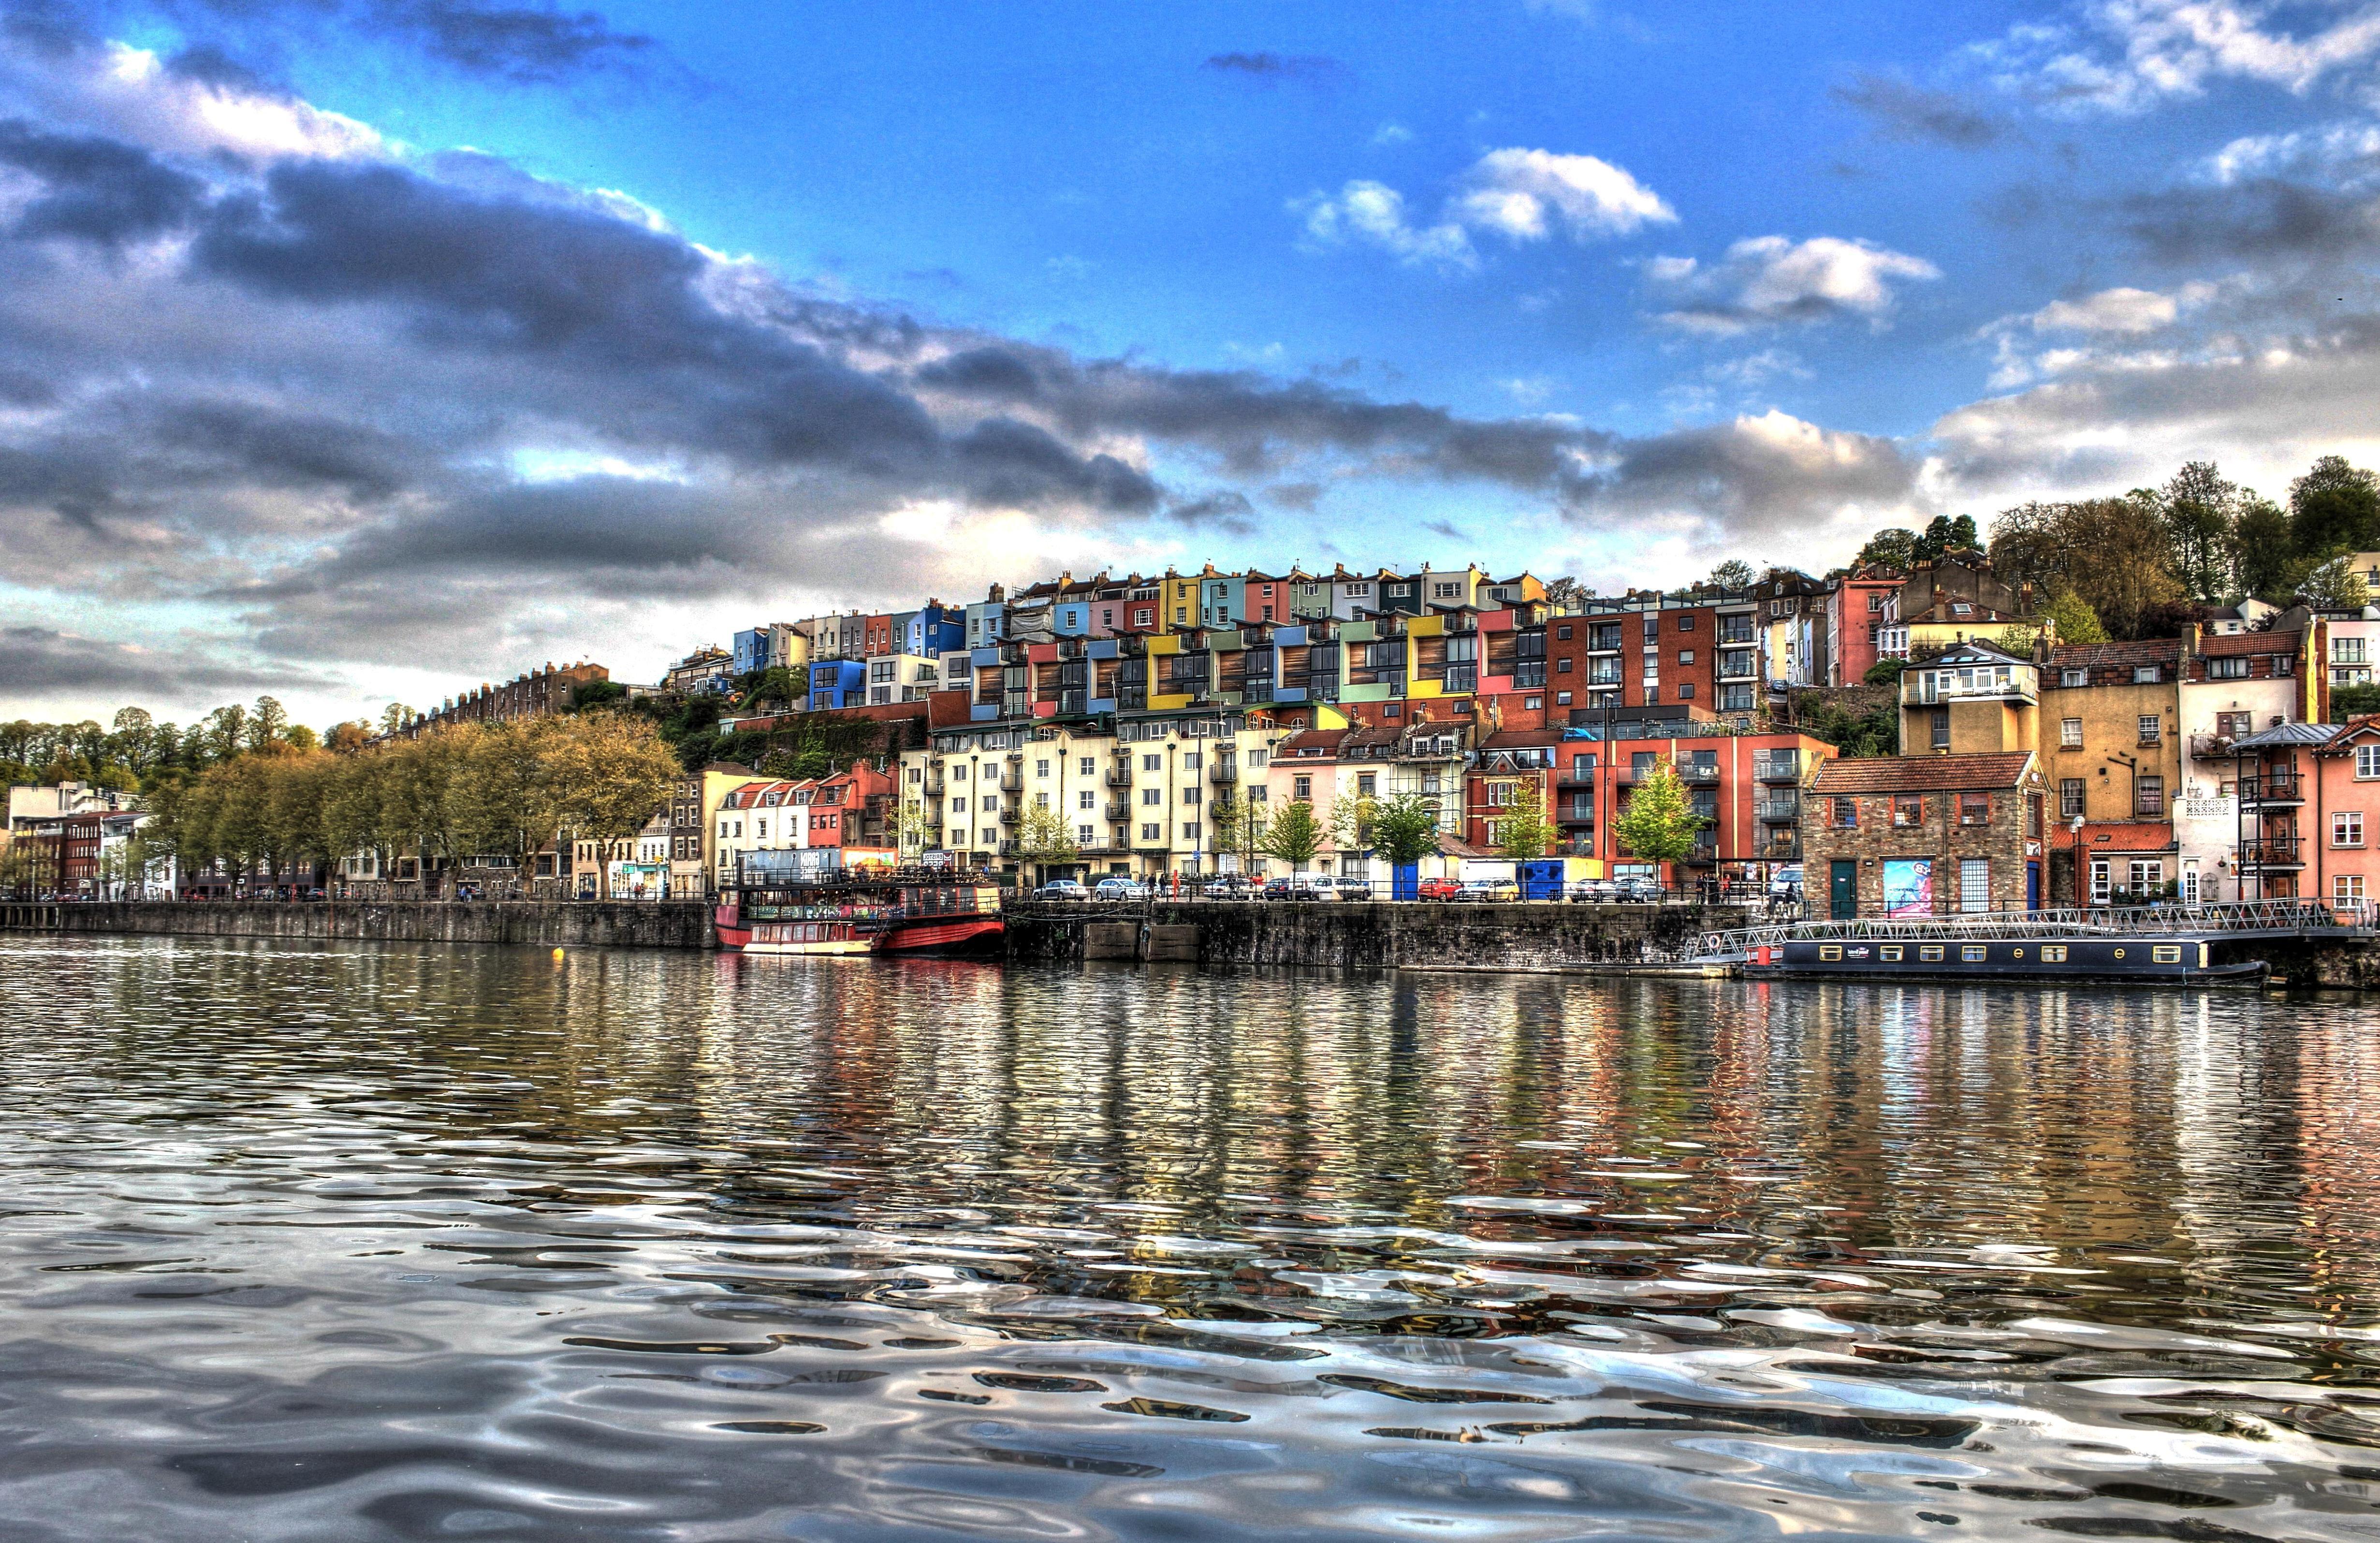 Kostenlose Bild: Kunst, Fotomontage, Stadt, Fluss, Boot, Farben, Haus